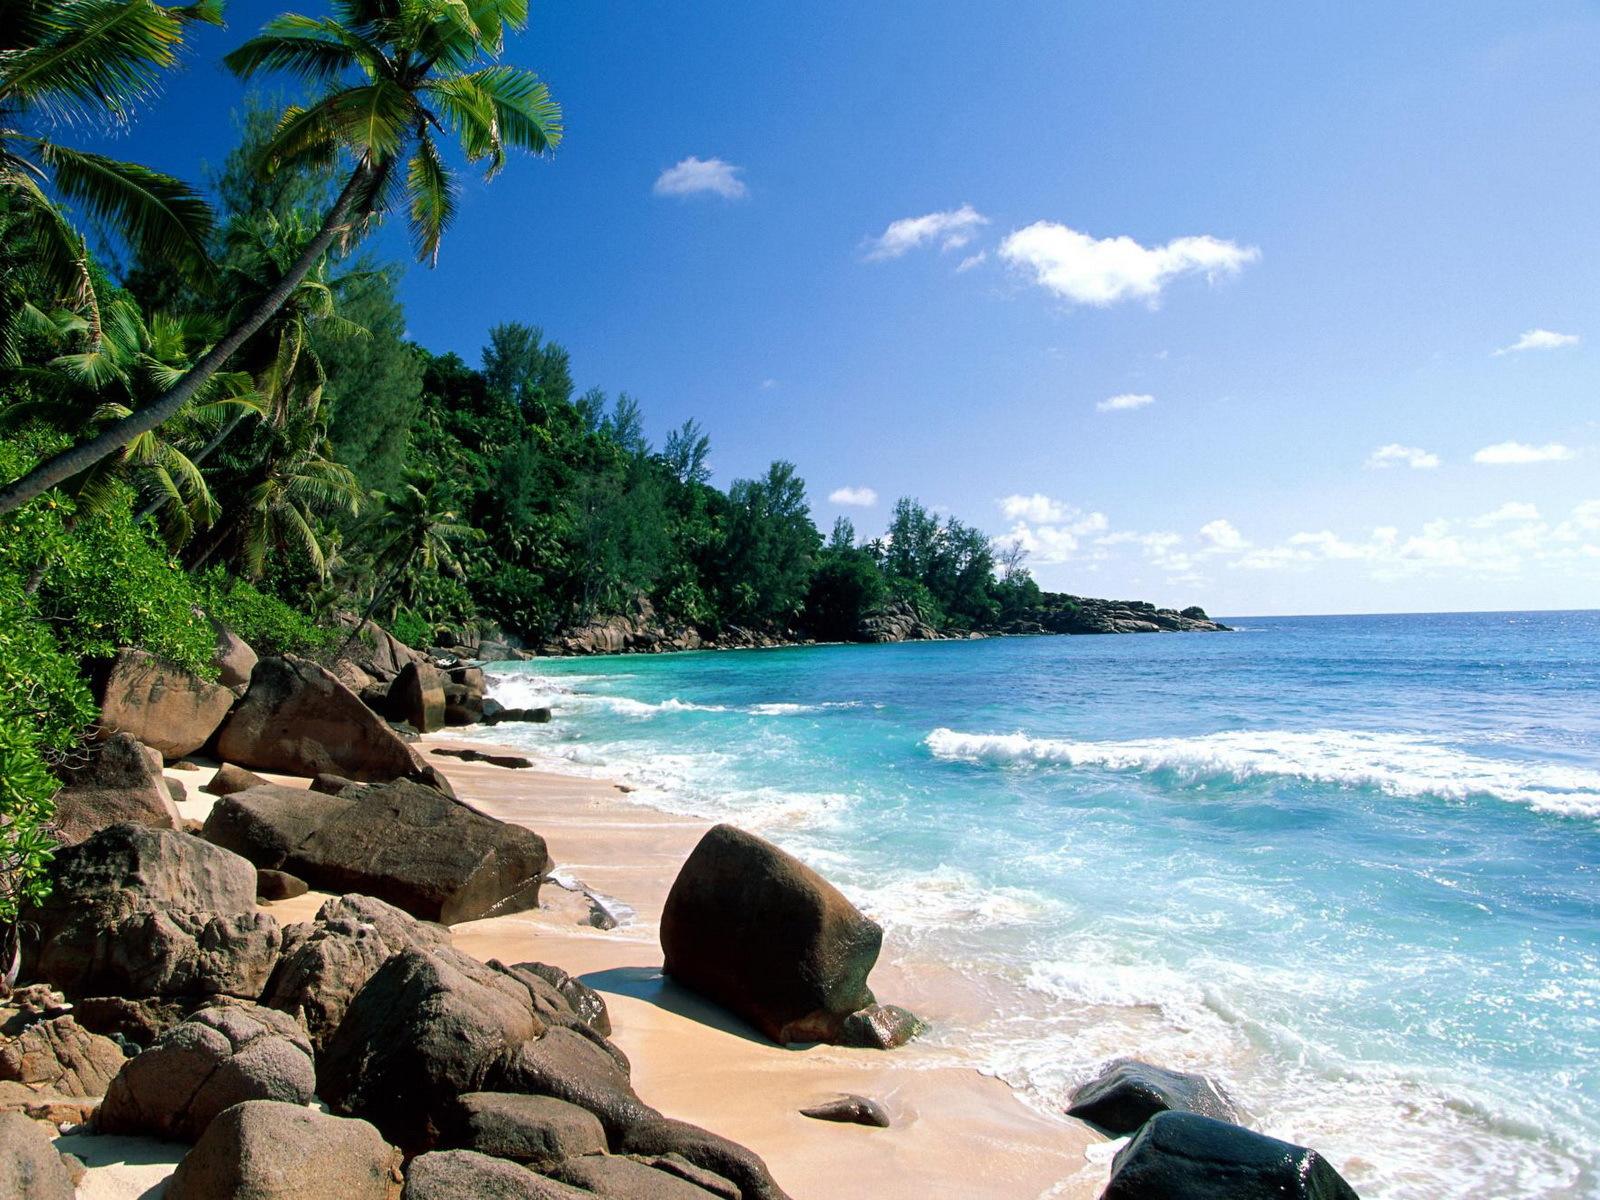 9603 скачать обои Пейзаж, Вода, Море, Пляж, Пальмы - заставки и картинки бесплатно